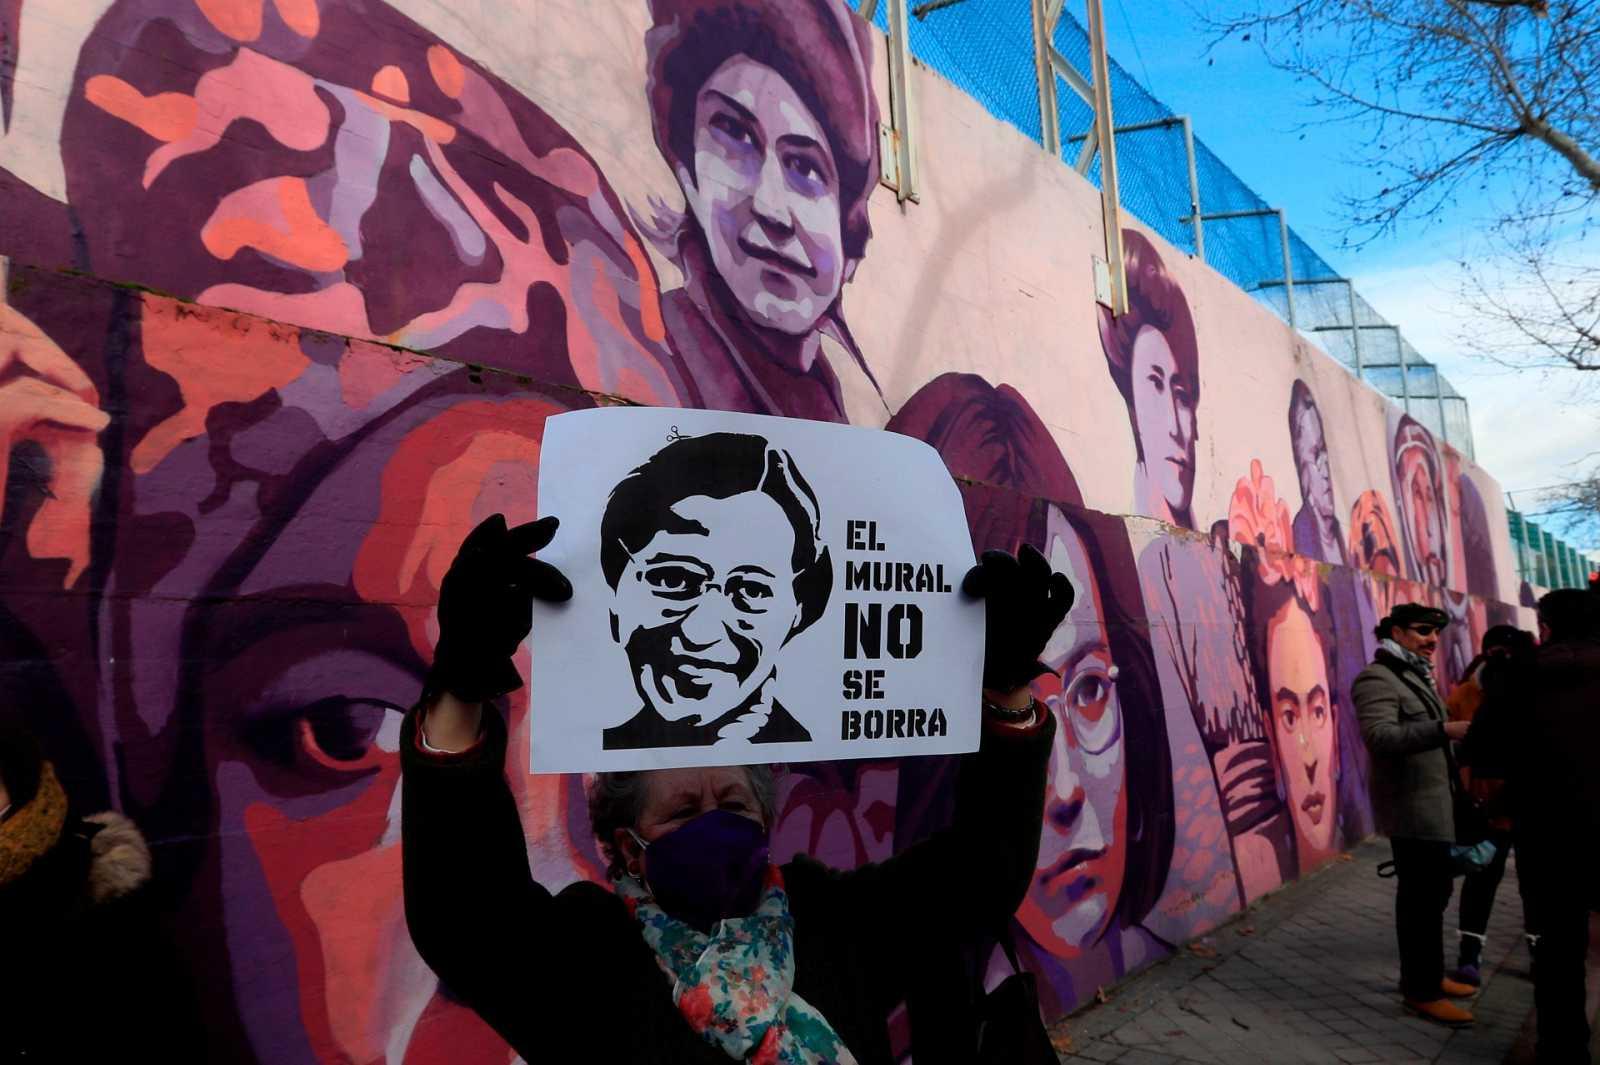 Quiénes son y qué representan las 15 mujeres que aparecen en el mural  feminista que borrará el Ayuntamiento de Madrid?